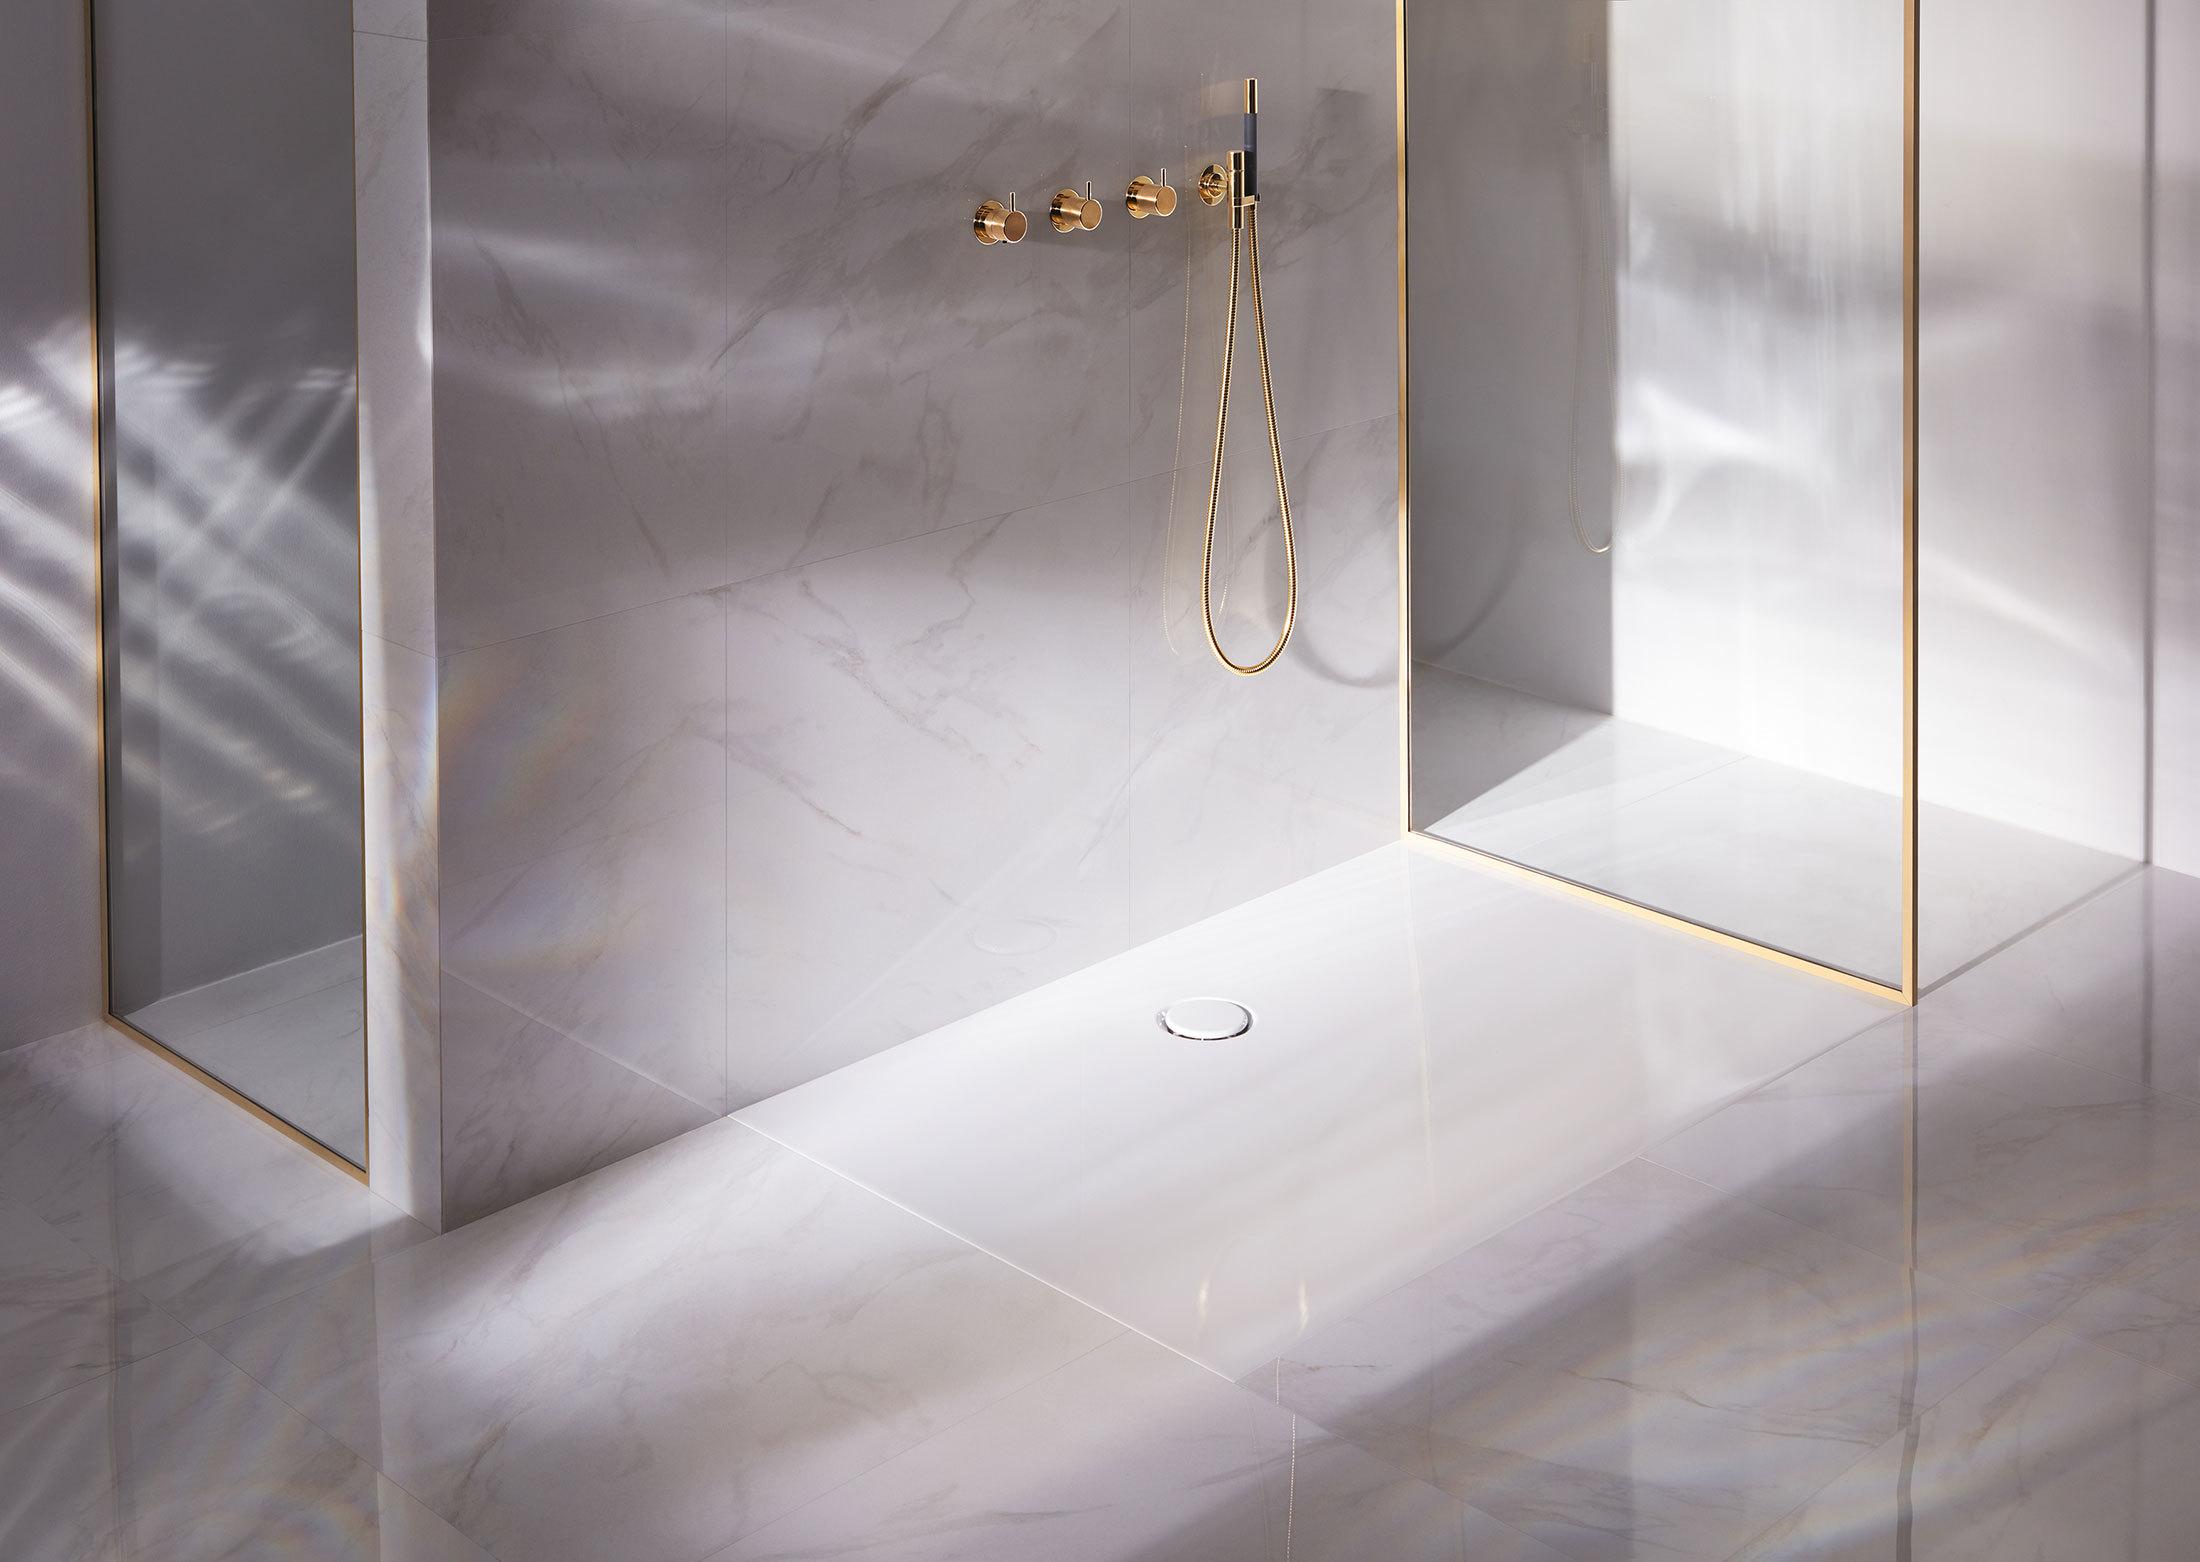 Full Size of Bette Floor Duschwanne Reinigung Installation Video Shower Tray Bettefloor Side Waste Douchebak Abfluss Reinigen Ablauf Brausetasse Günstige Betten 180x200 Bett Bette Floor